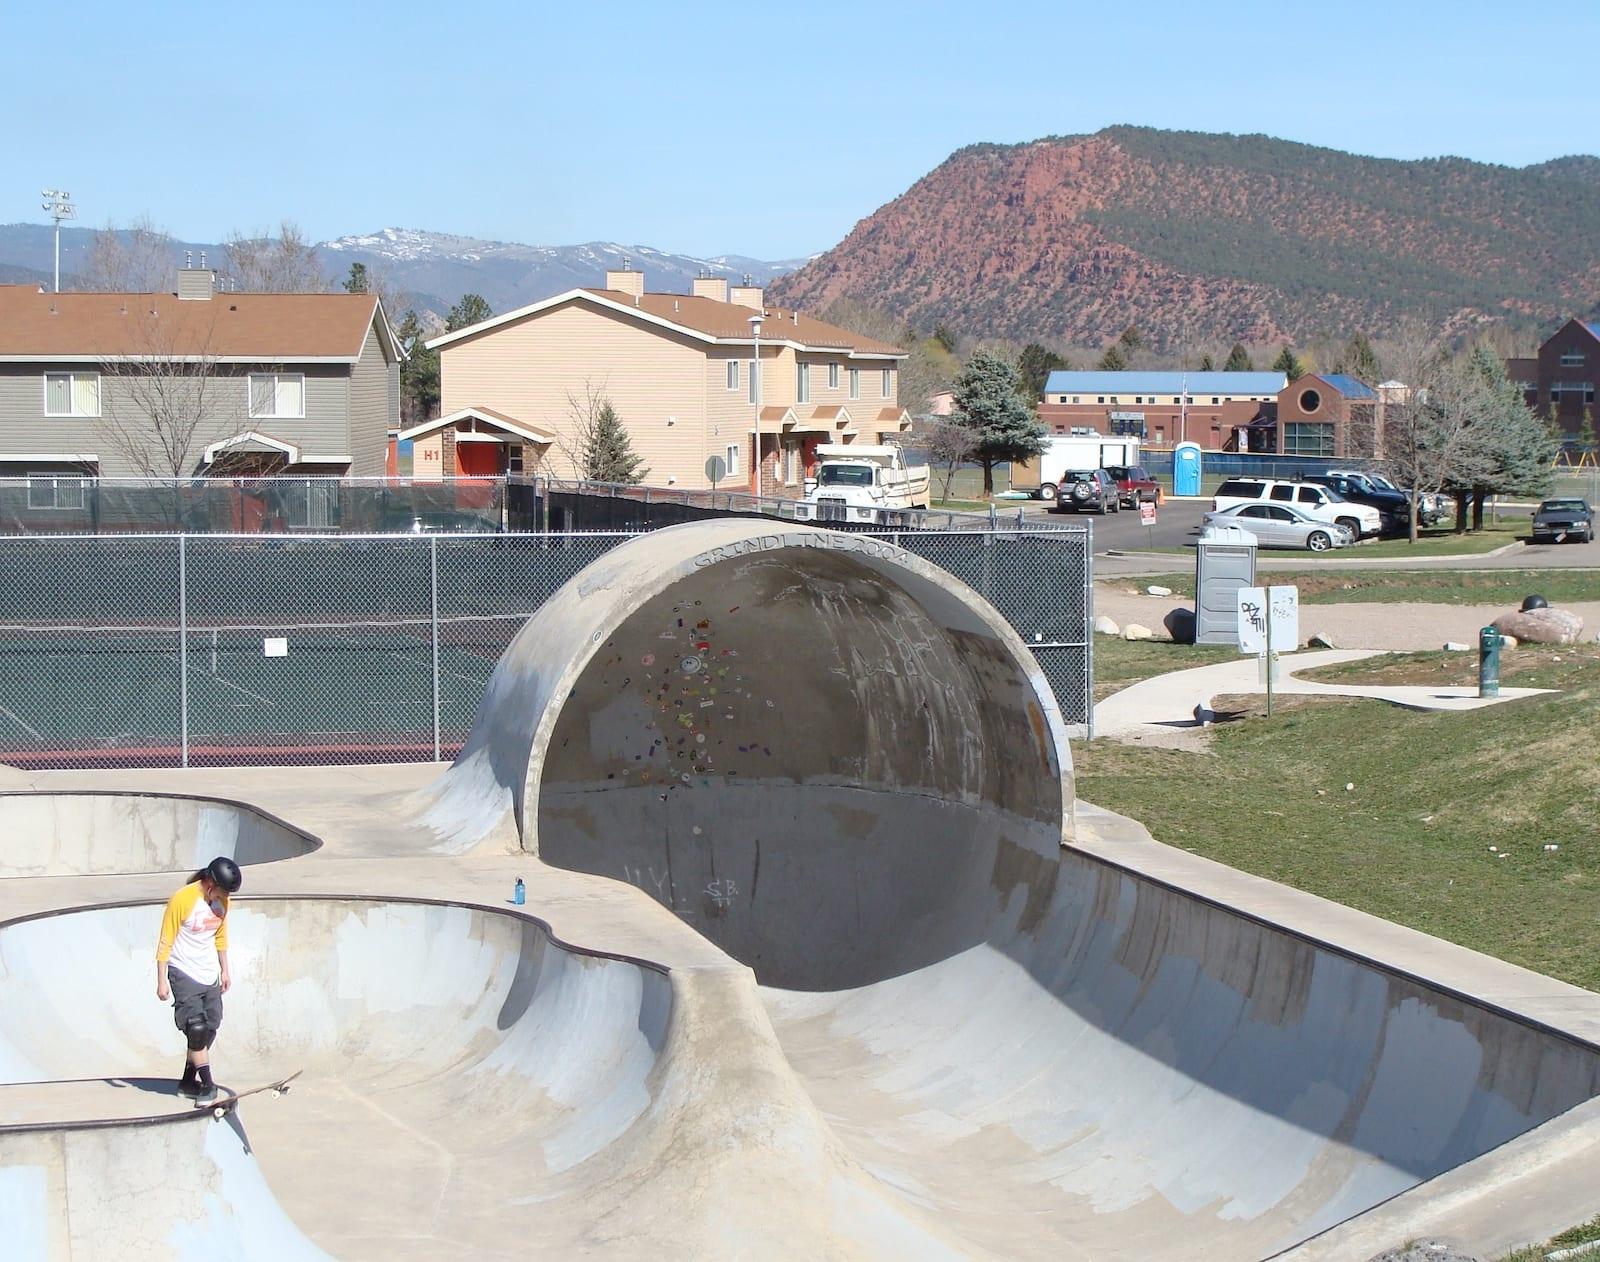 Carbondale, Colorado